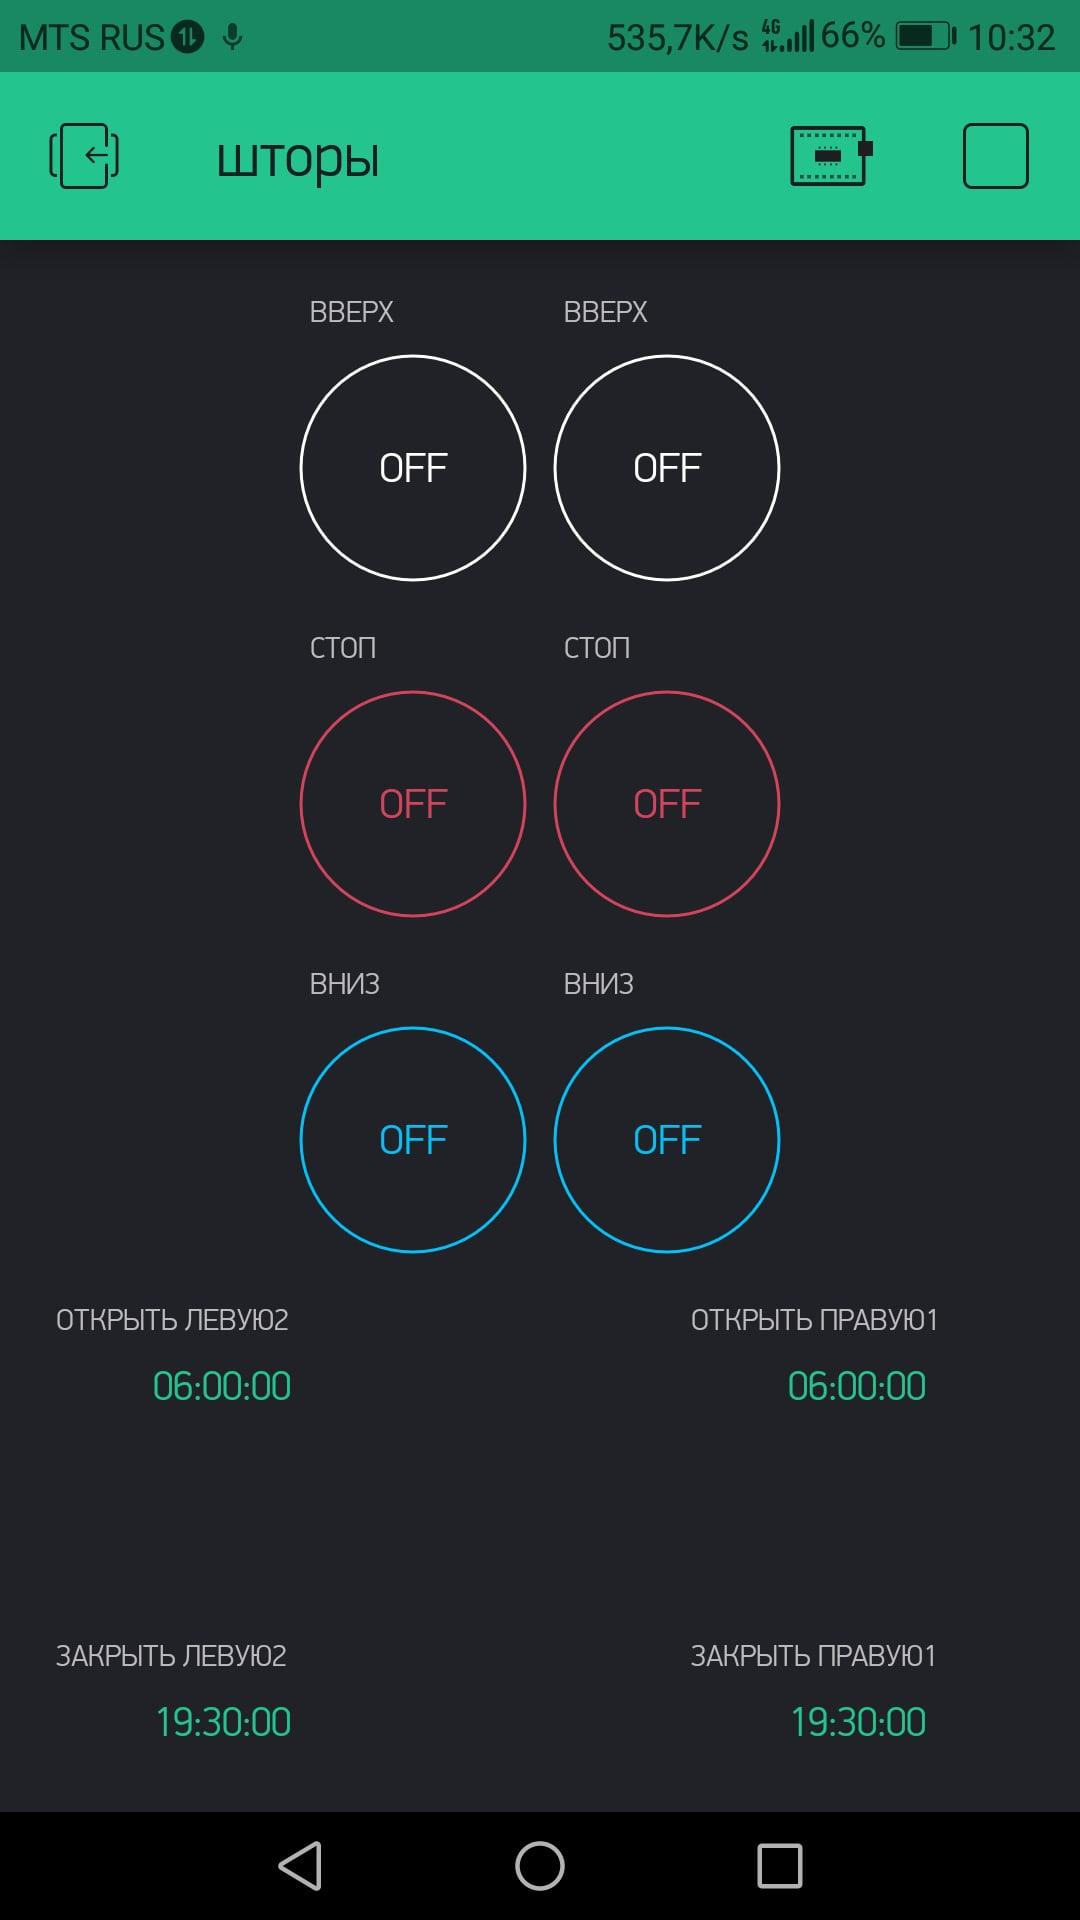 Самый доступный метод автоматизации штор — IT-МИР. ПОМОЩЬ В IT-МИРЕ 2021